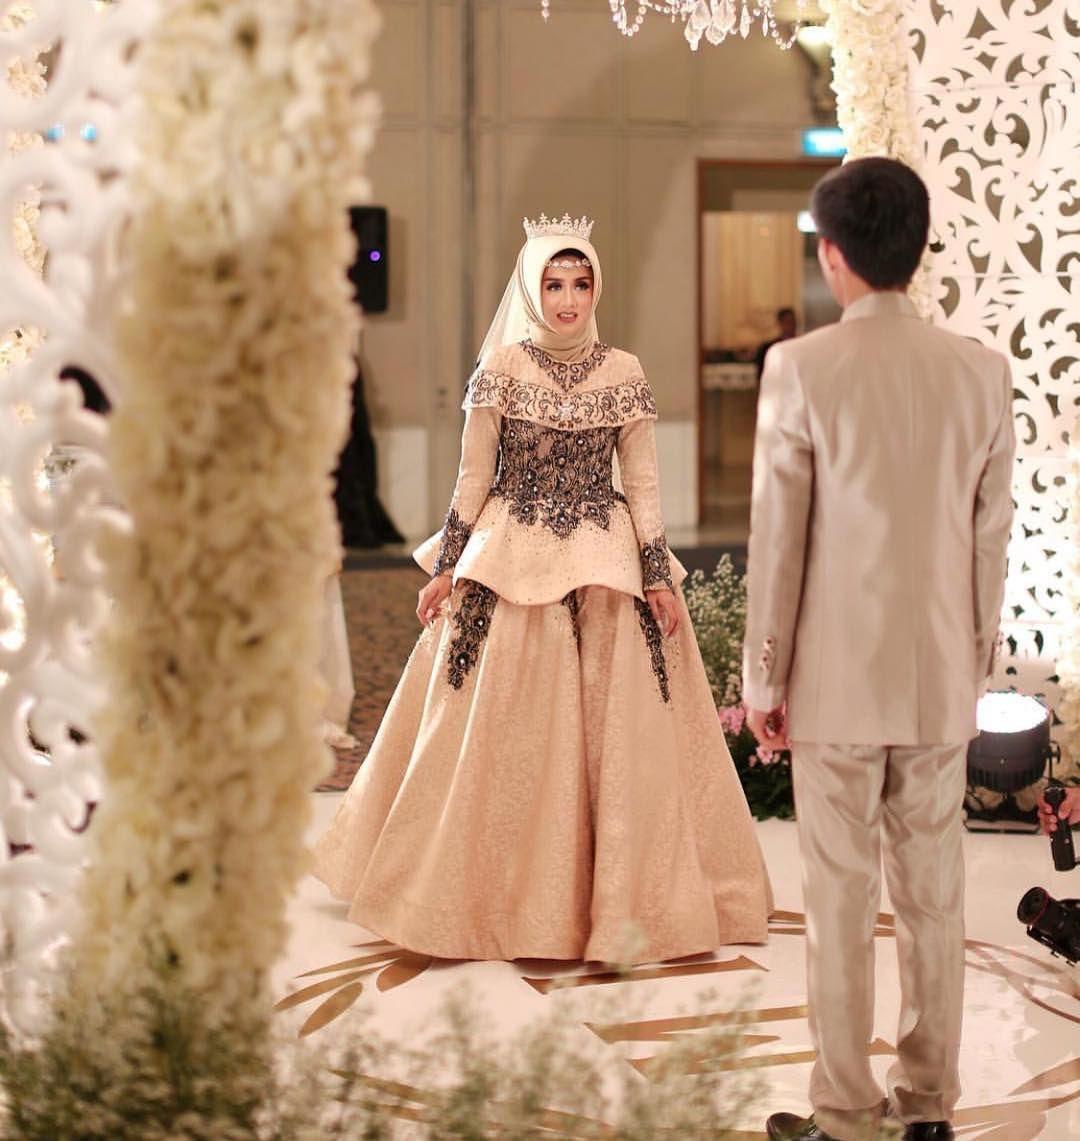 11 Model Baju Pengantin Muslim 11 Desain Elegan Cantik Terindah